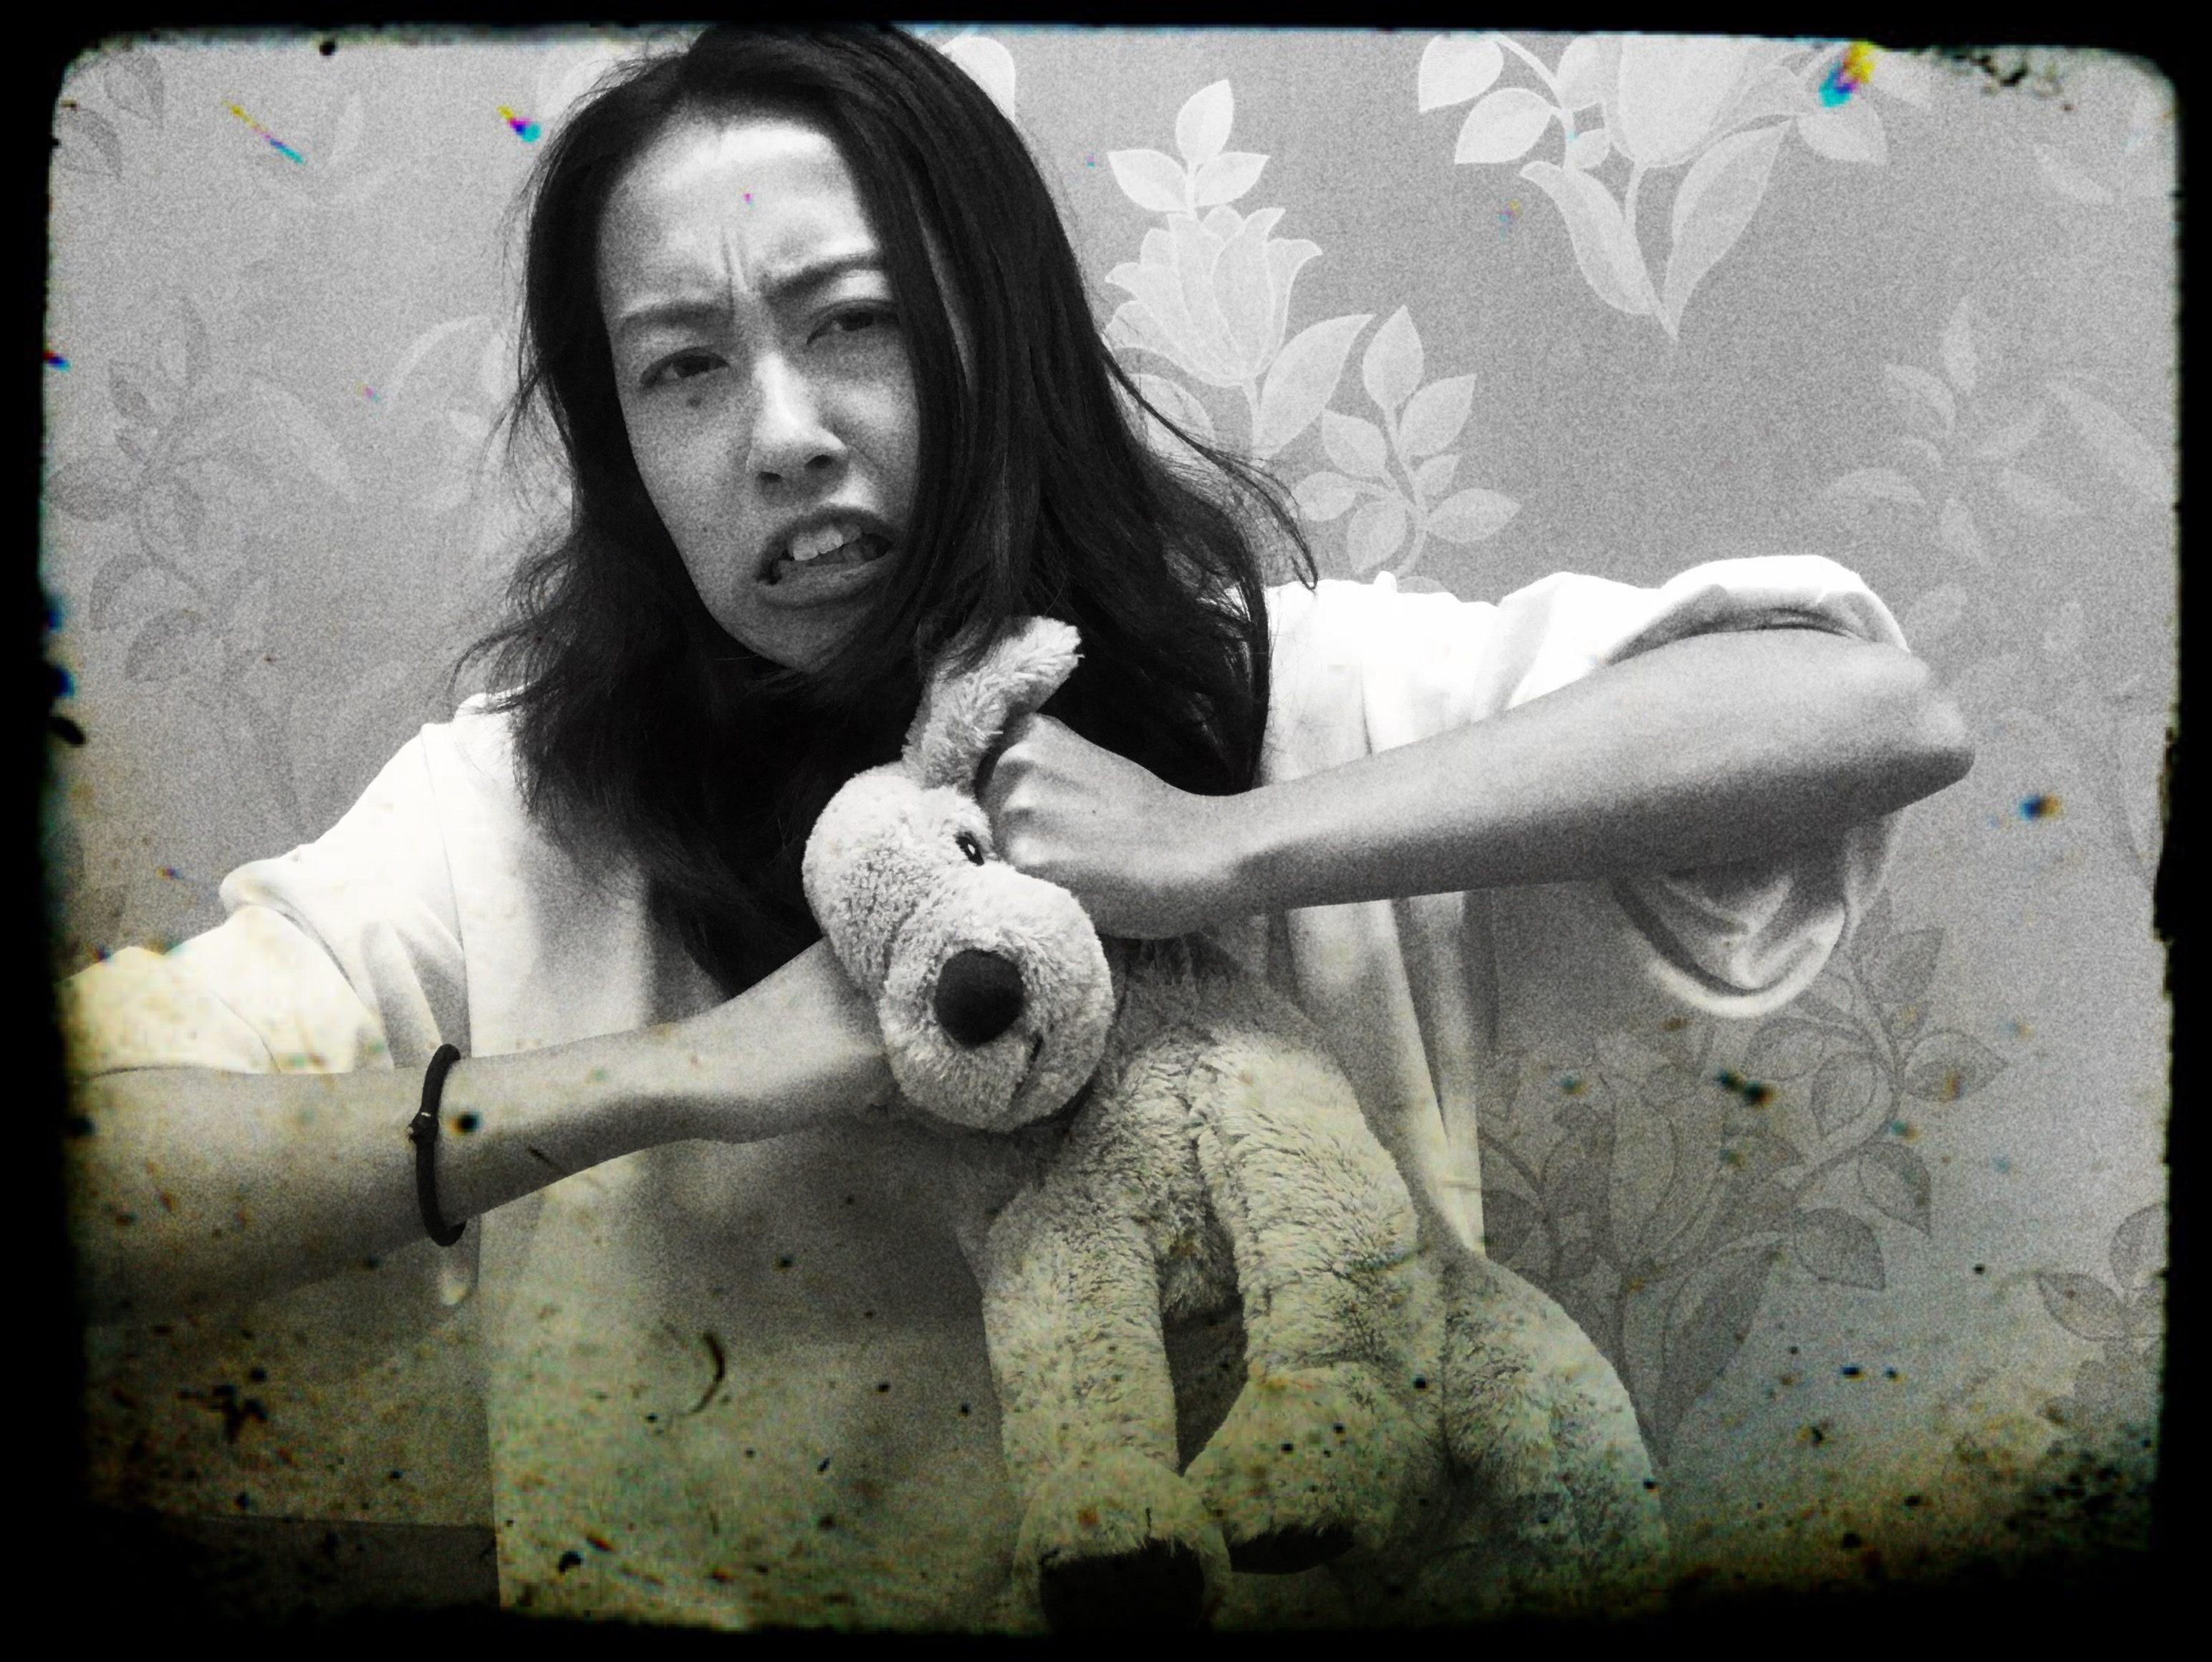 學員和賀涼子從不同的角度扮演出生氣的母親,來詮釋母親也是有不同的情緒